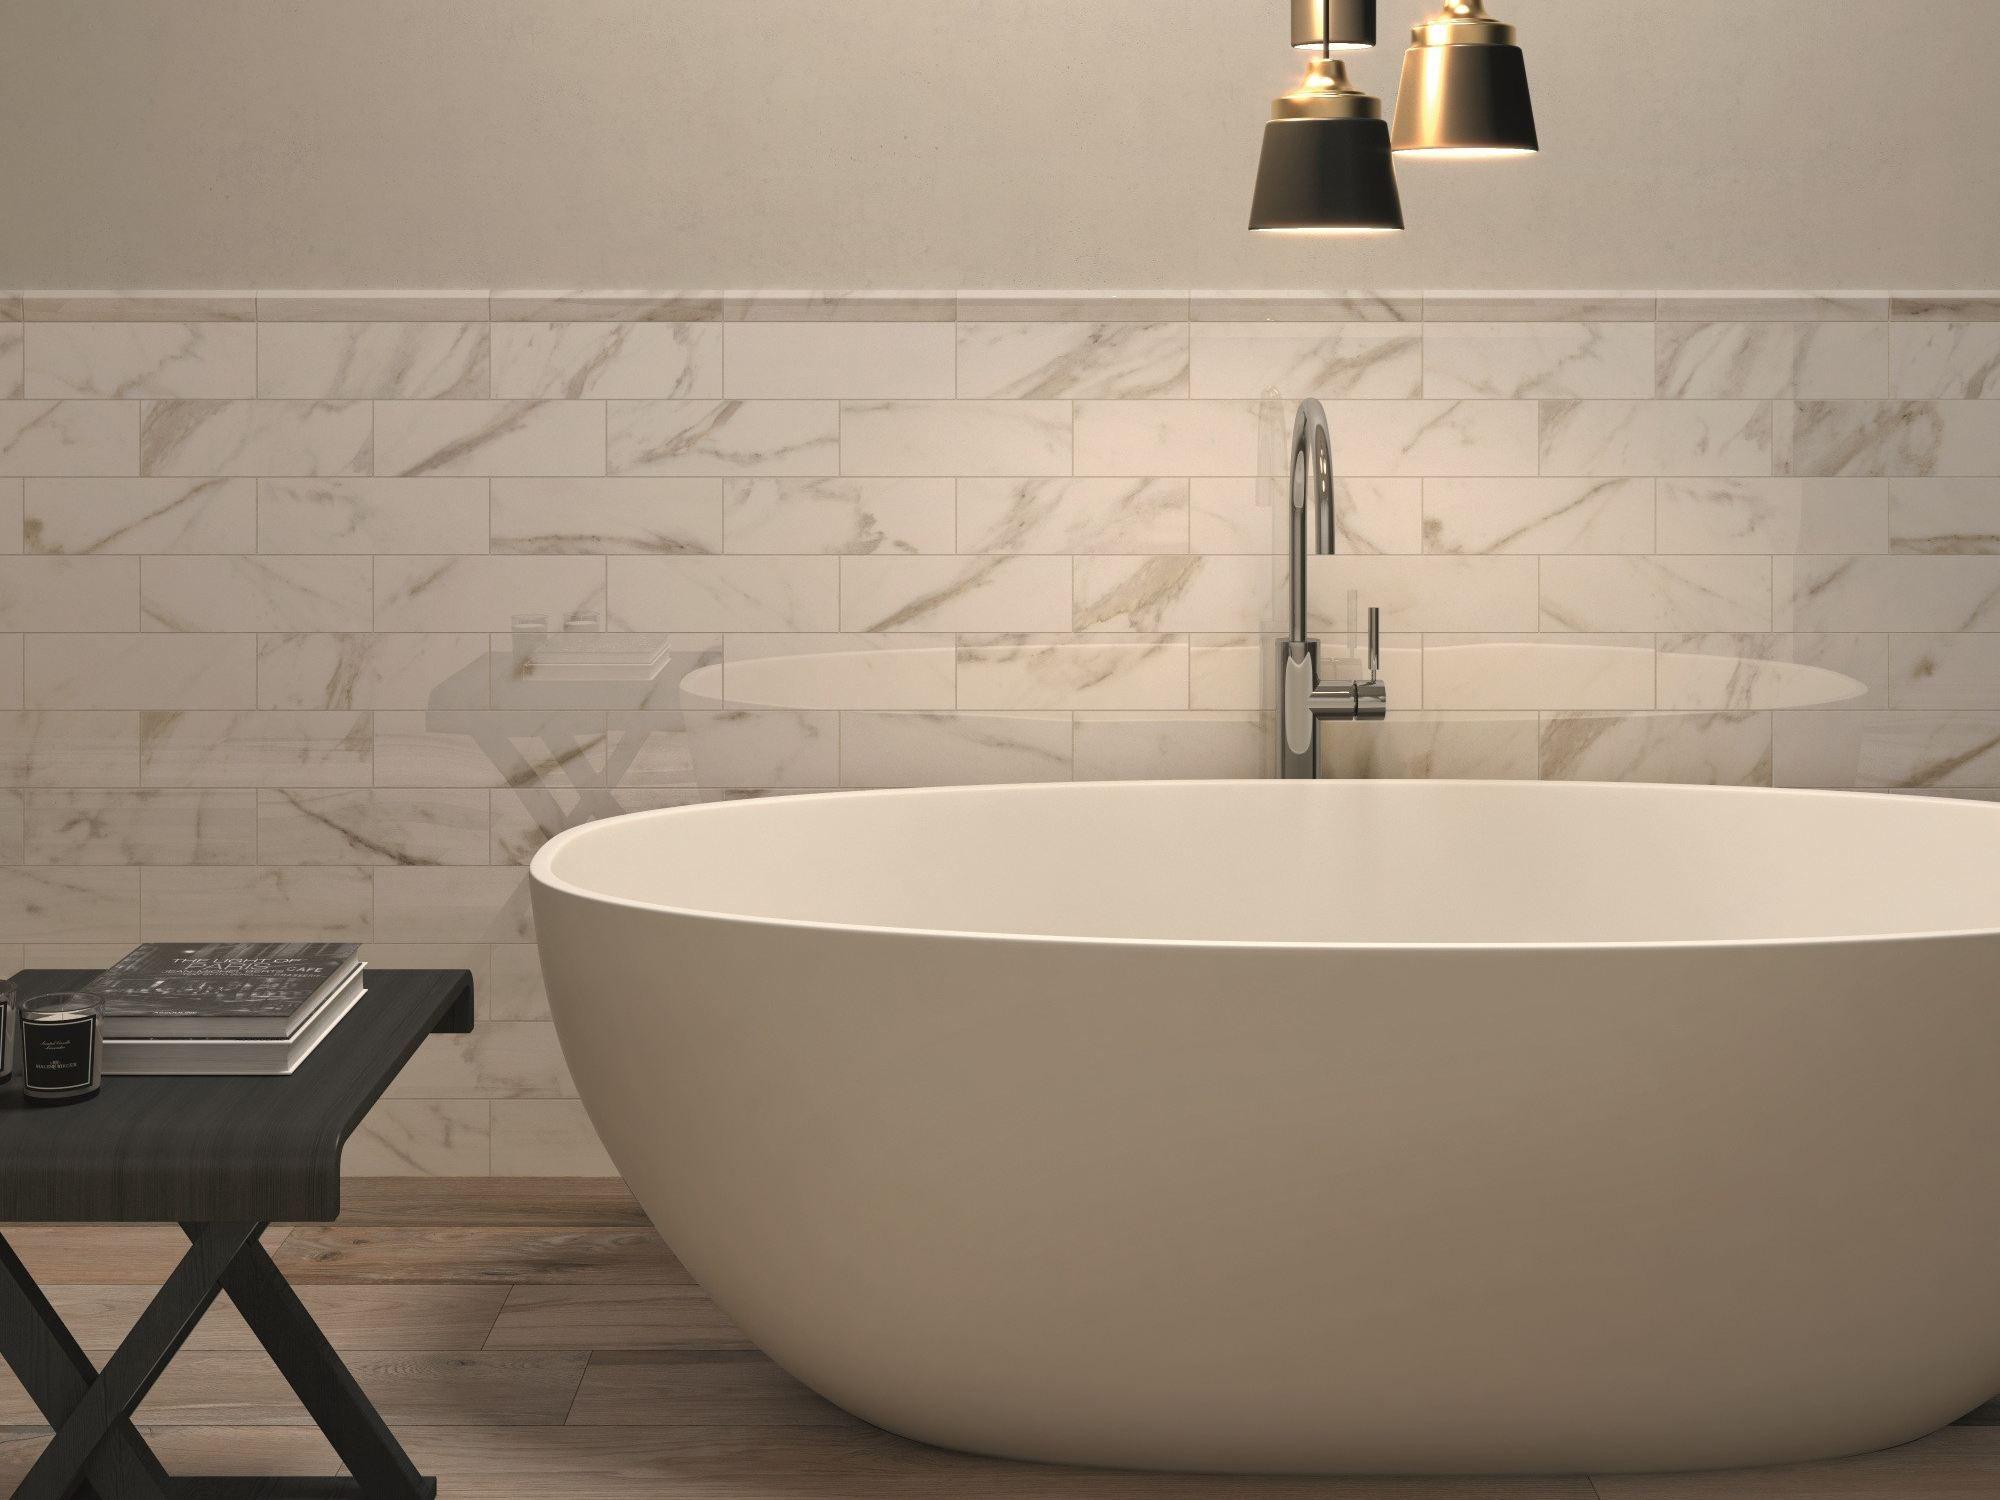 Explore Ceramic Tile Floors, Remodel Bathroom And More Sensi By